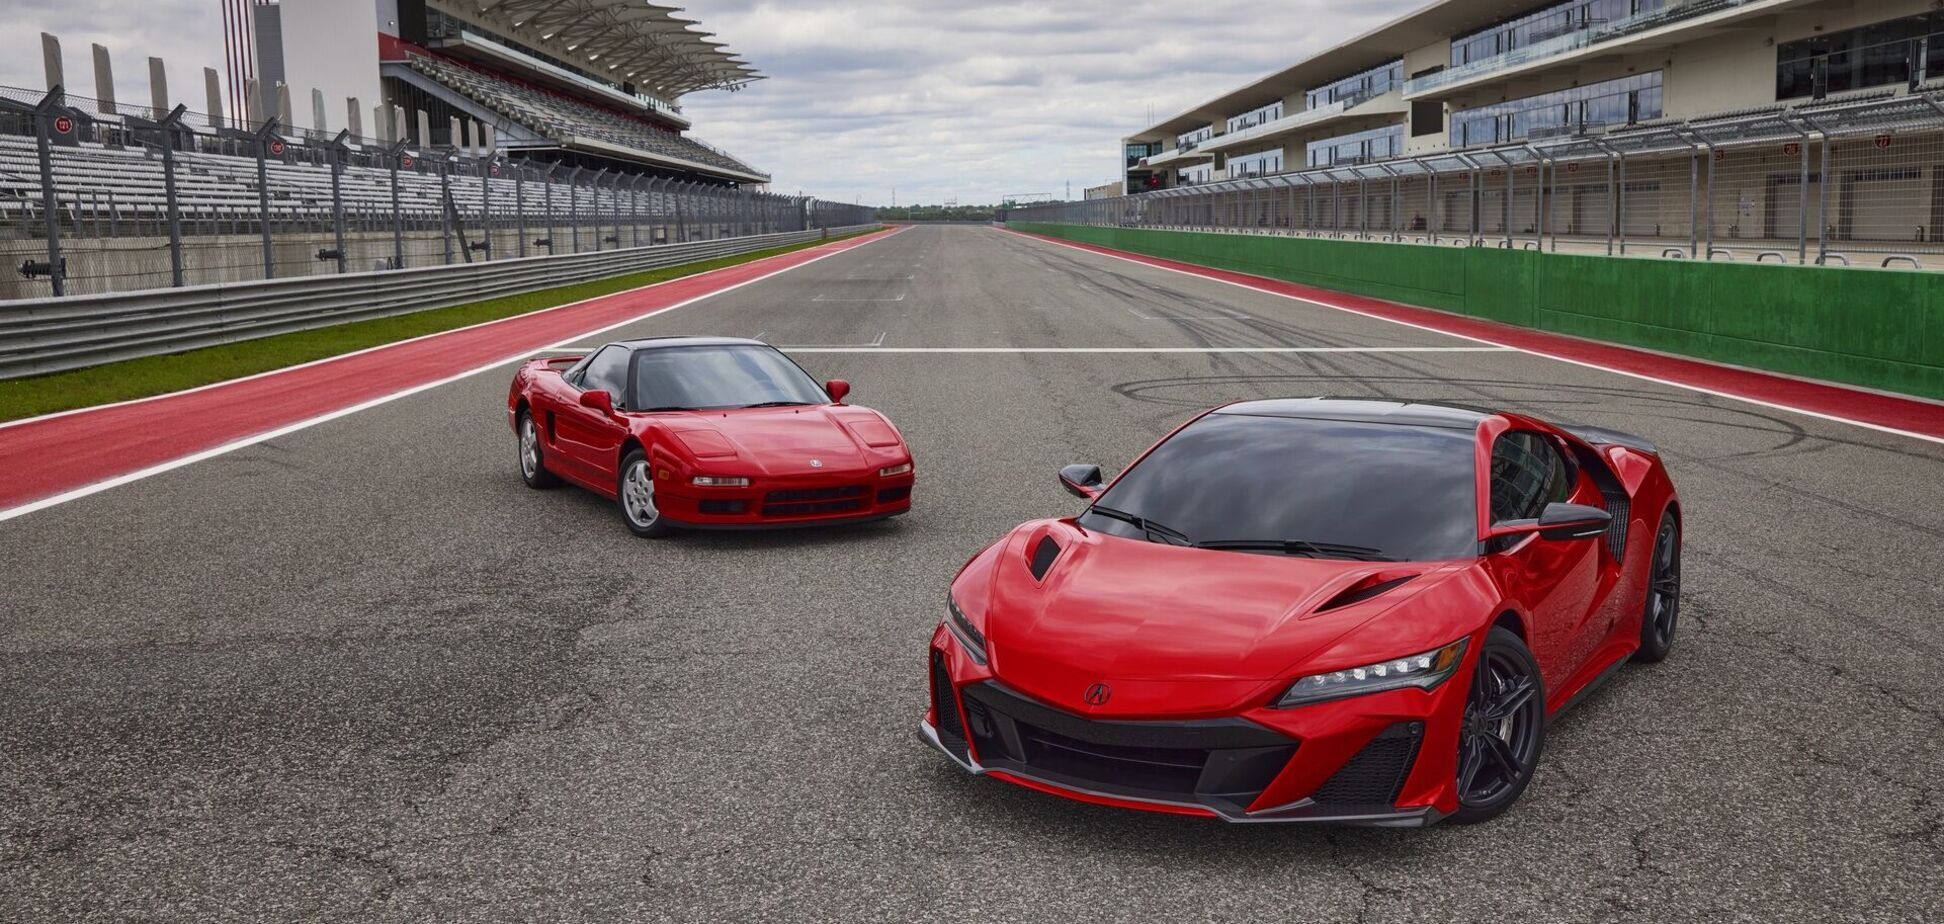 Acura рассекретила все данные нового суперкара NSX. Видео